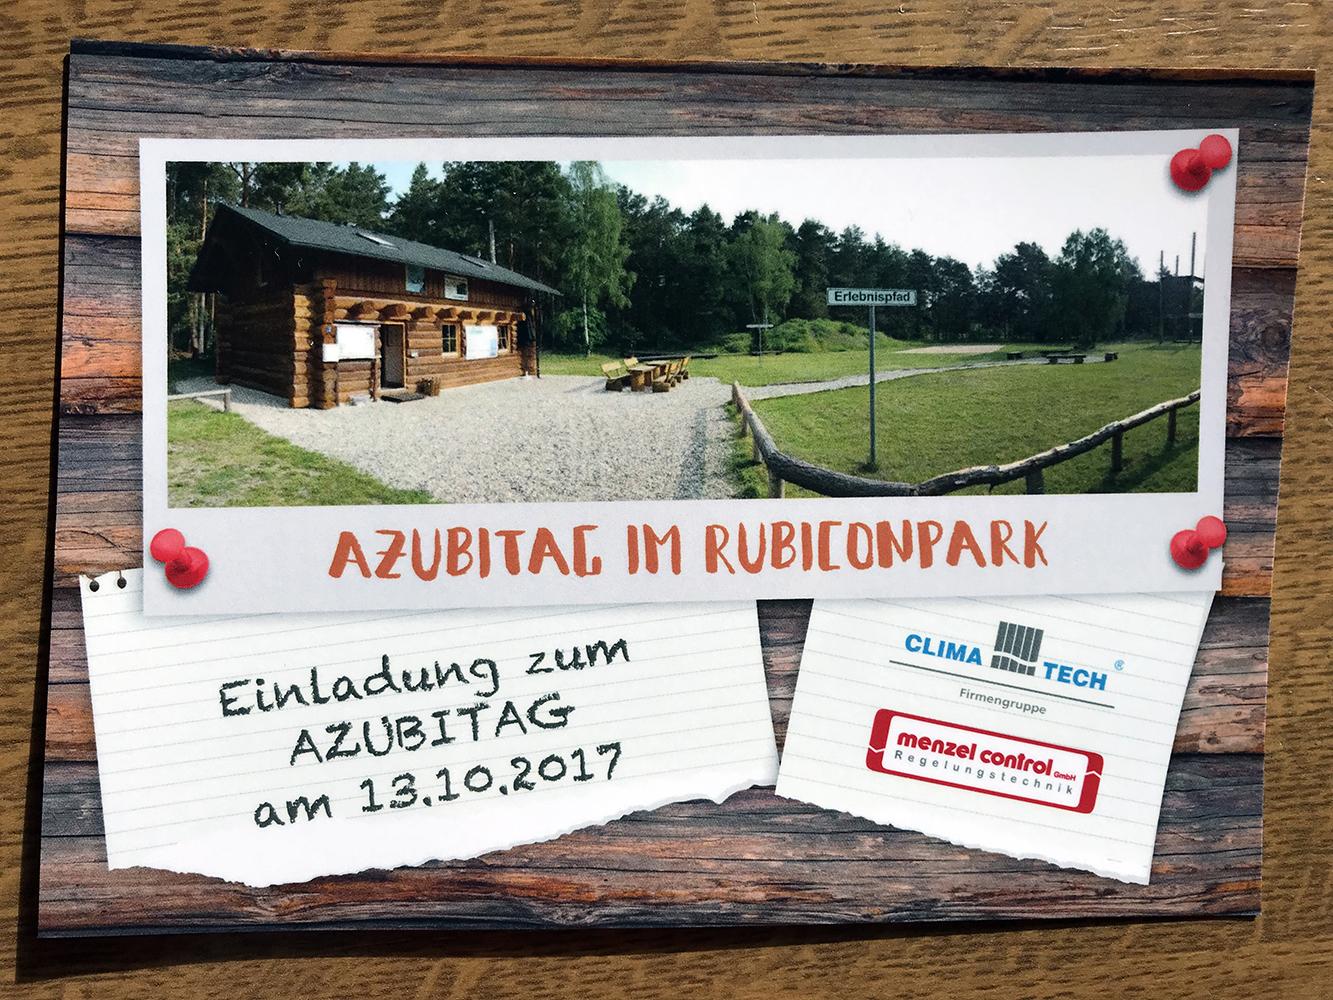 201710 - Climatech Auszubildendentag im Rubiconpark 3131